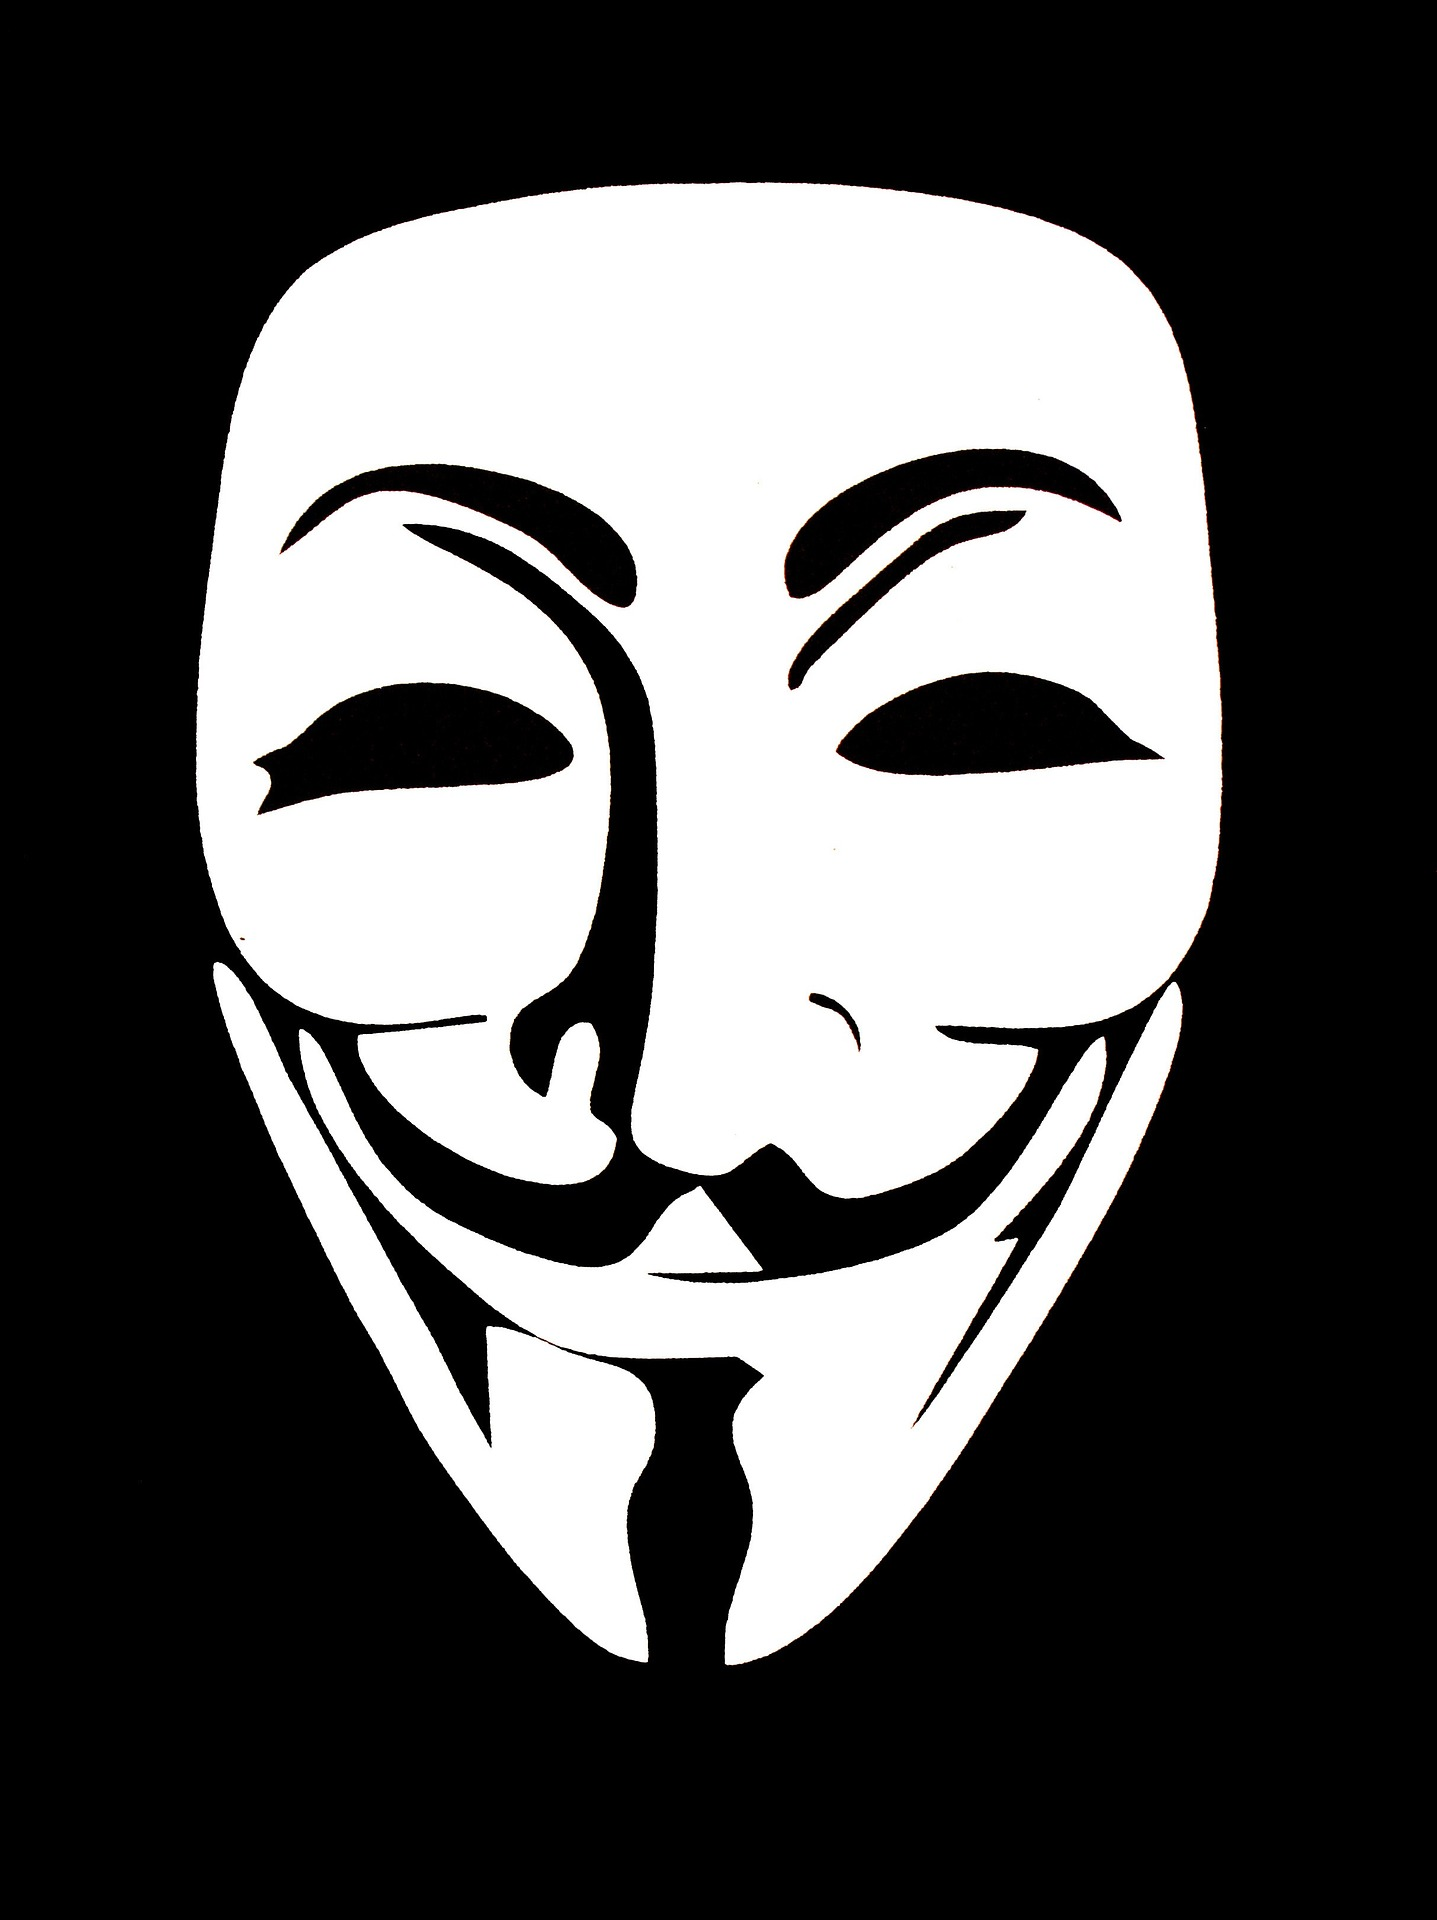 anonymus-1235169_1920.jpg